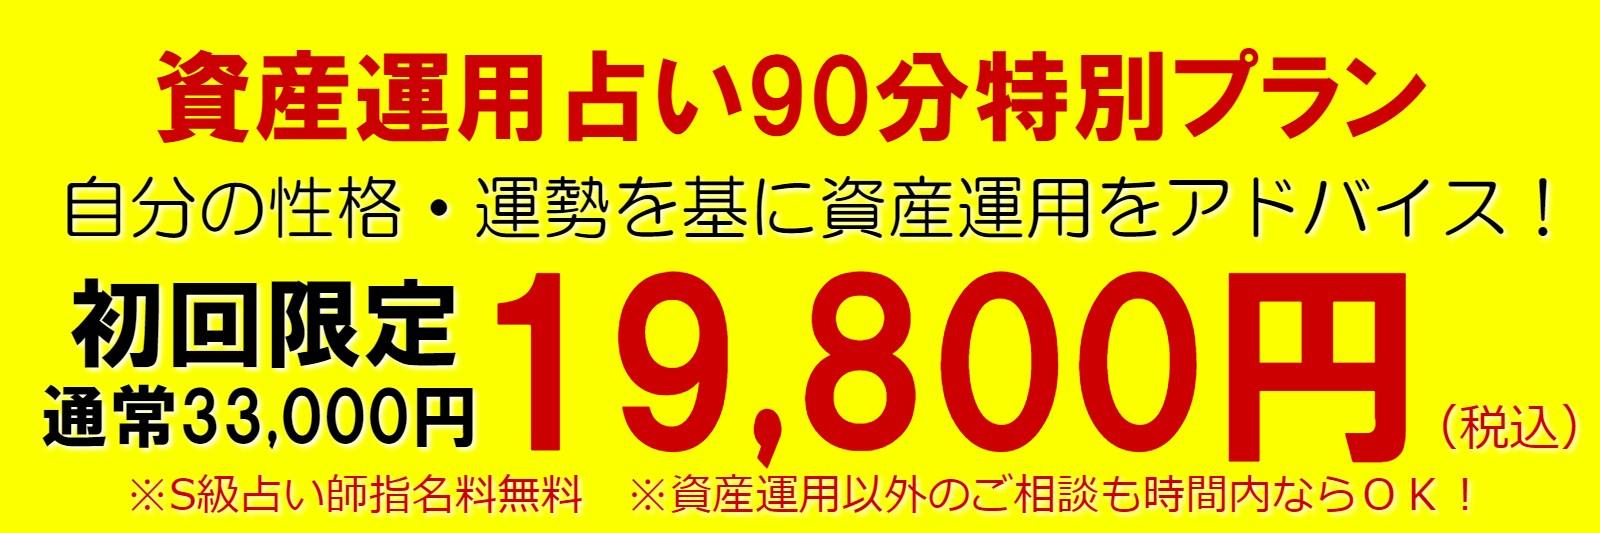 東京で資産運用・投資相談なら占いを活用した個別アドバイスができる占い館BCAFE(ビーカフェ)渋谷店がオススメ!セミナー・書籍・ブログには掲載がない占いを活用しアナタの性格・運勢から徹底アドバイス。